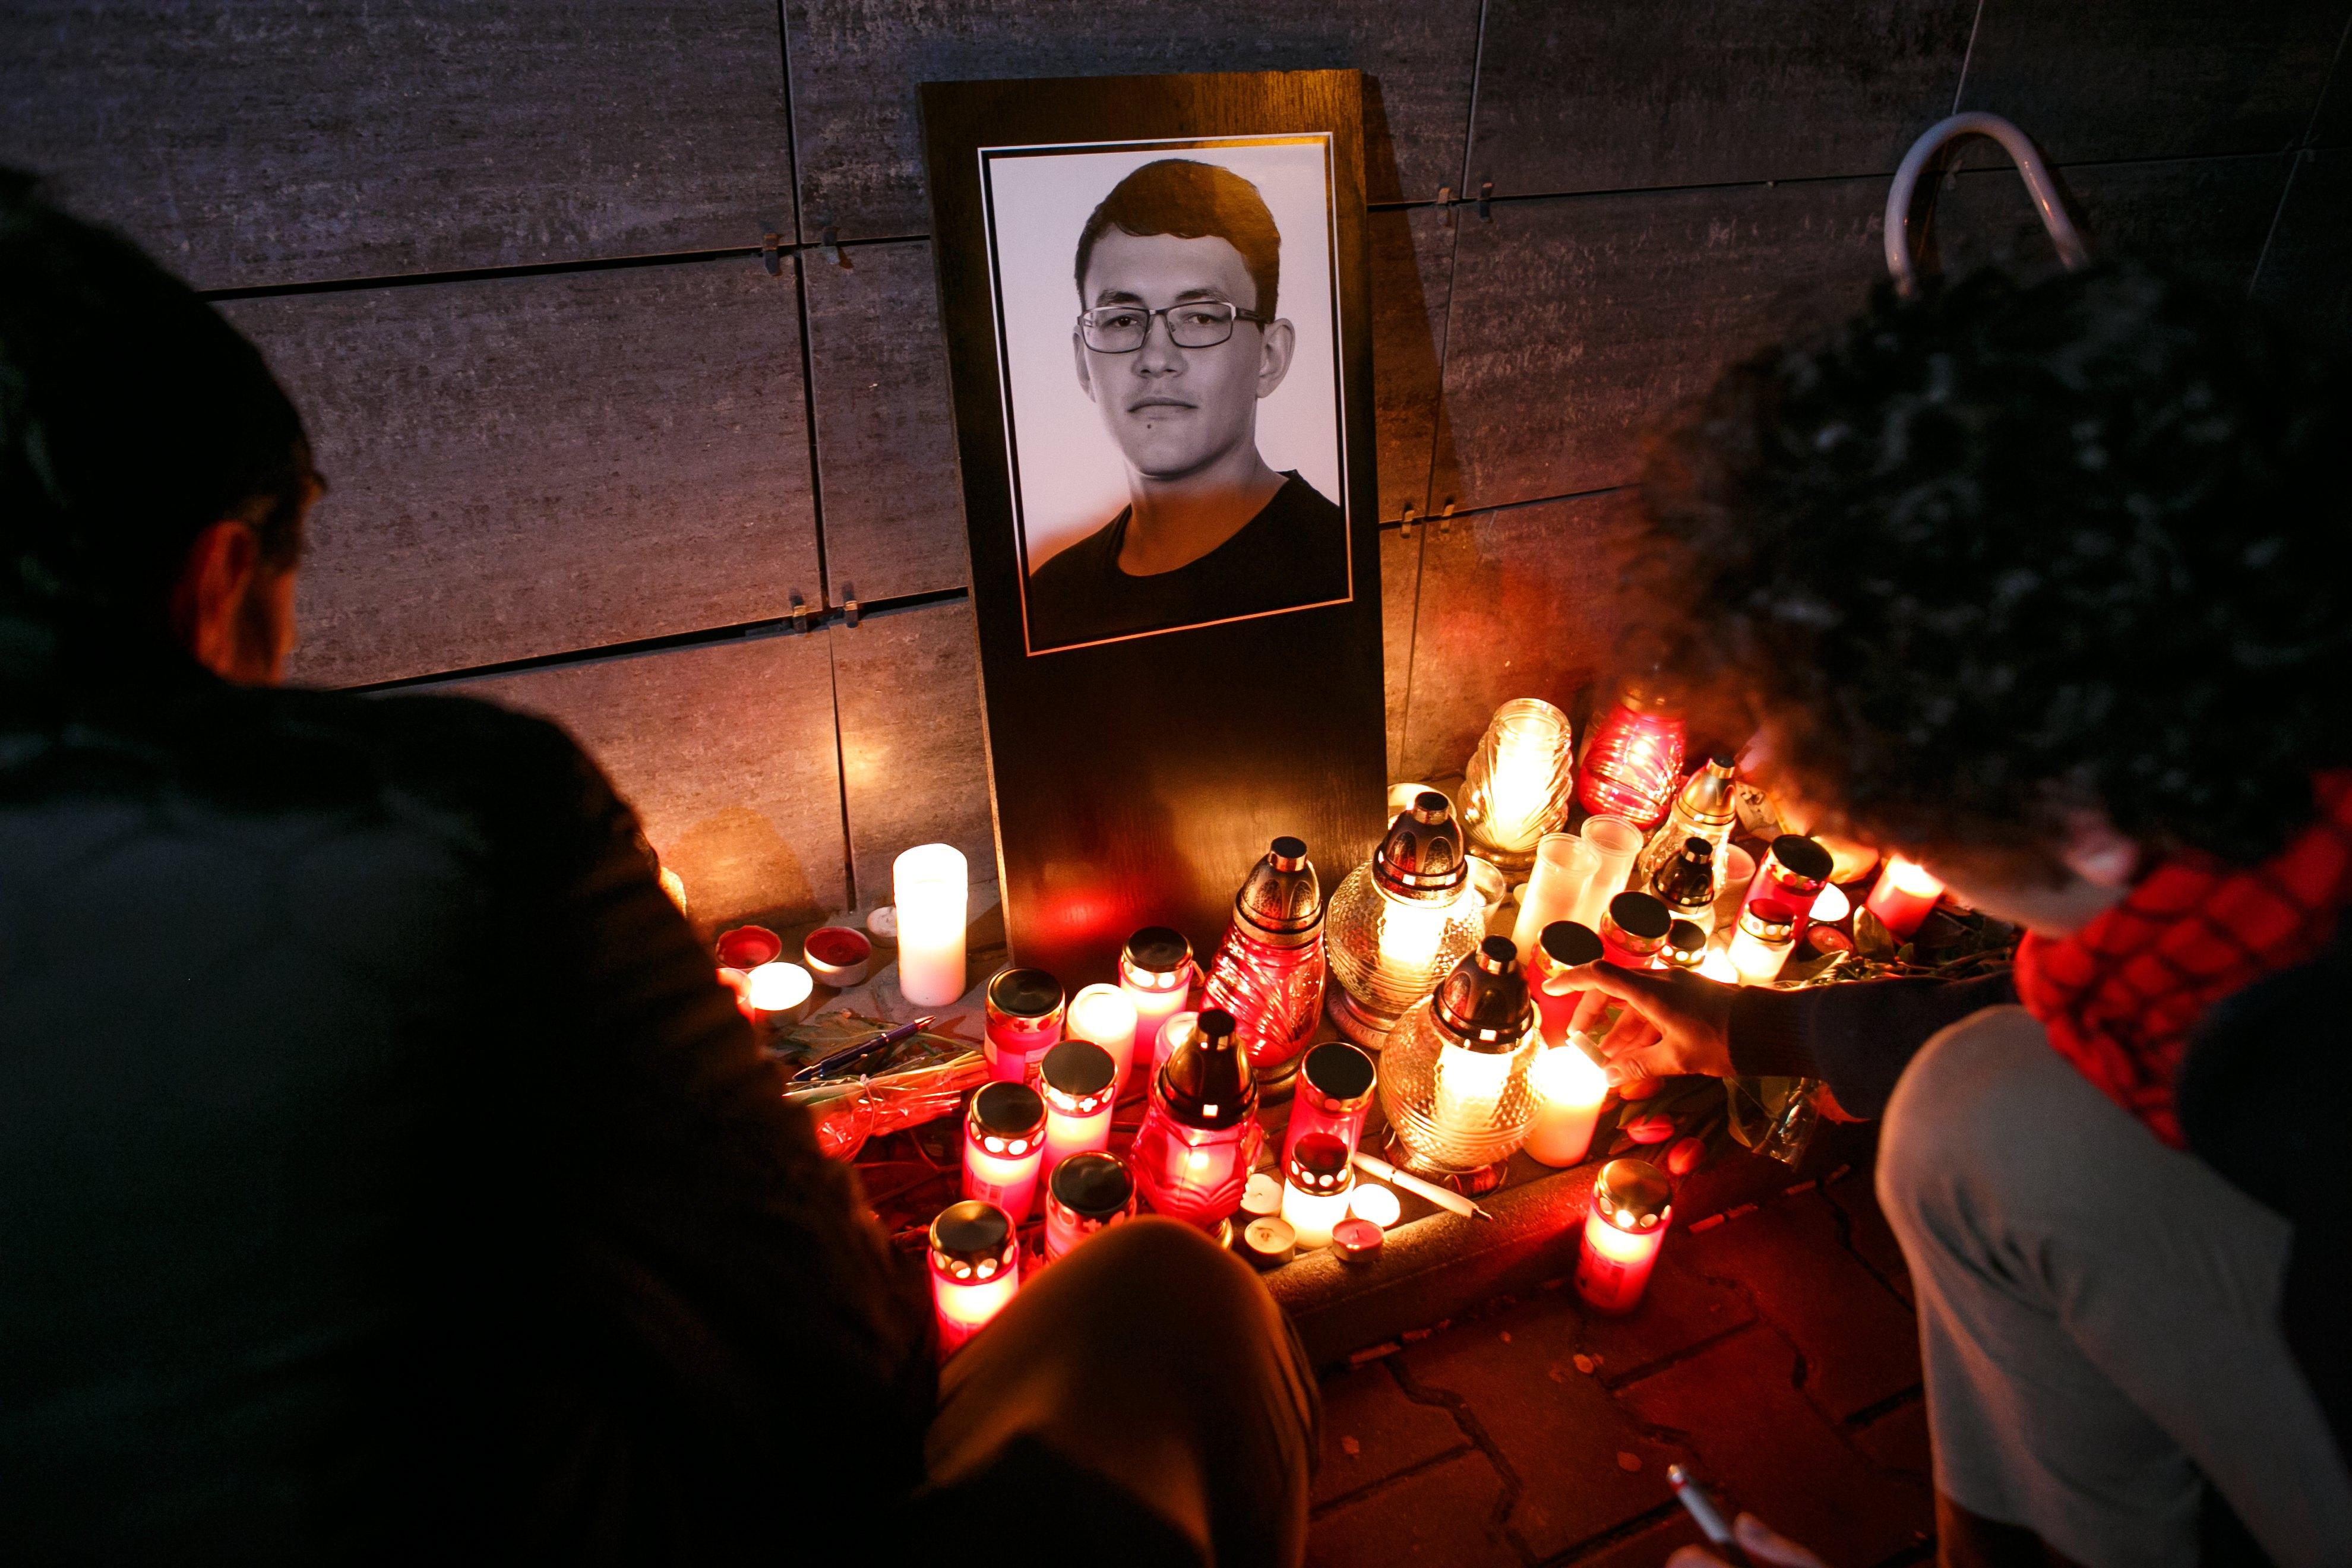 Slovački predsjednik traži rekonstrukciju vlade nakon ubojstva novinara